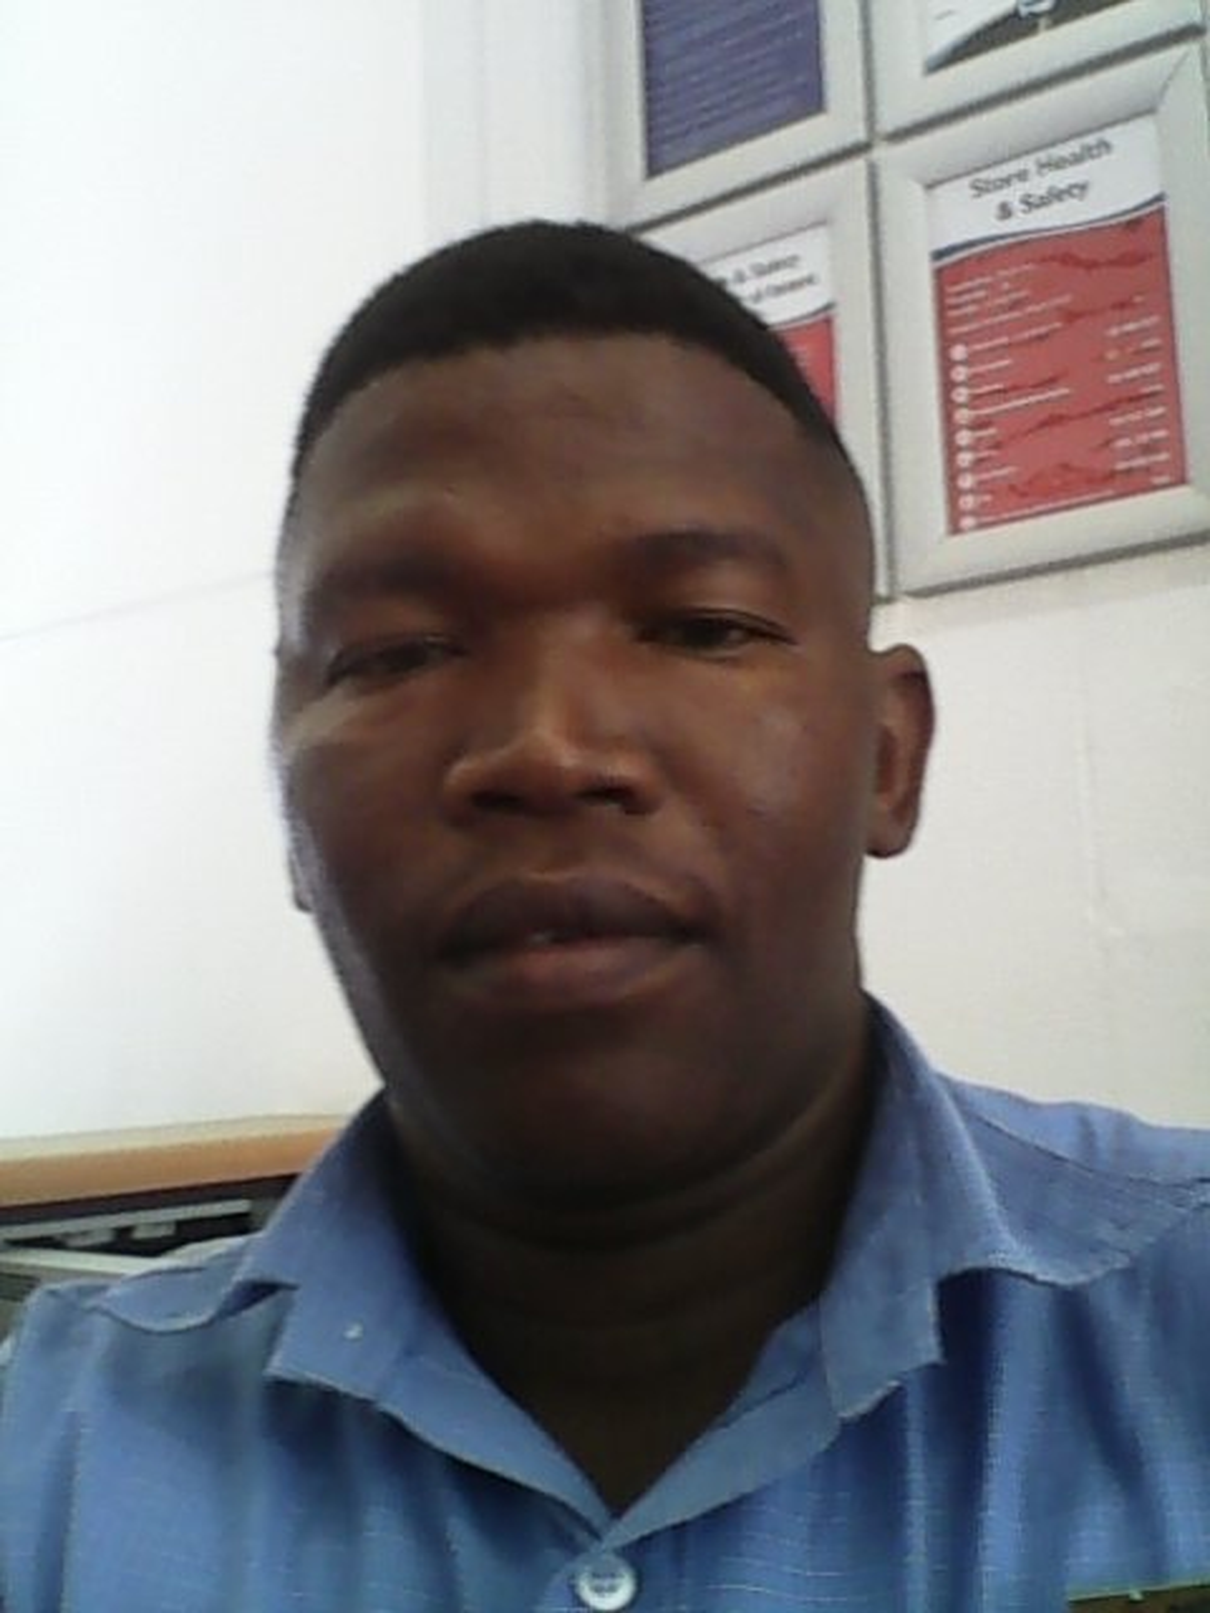 Complaint-review: Ntsekelang - Ametlife 0000522720 ref